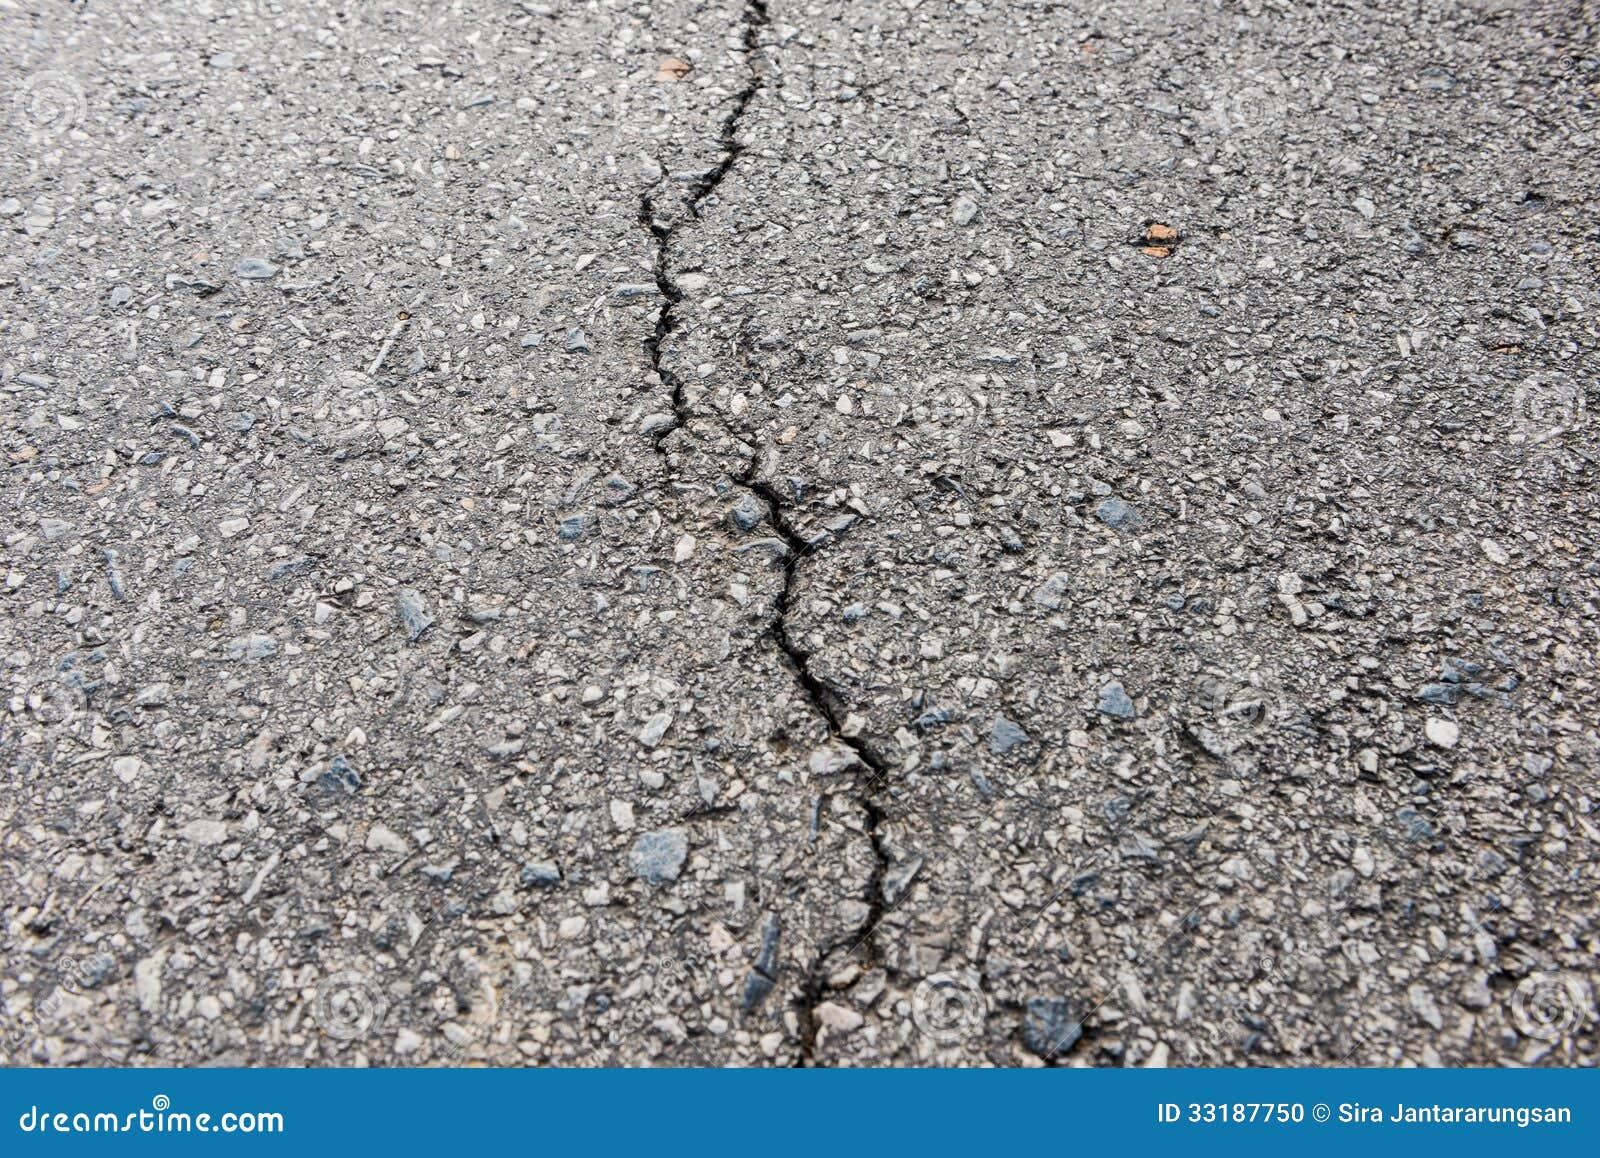 Gammal sliten och sprucken asfalt med sprickor